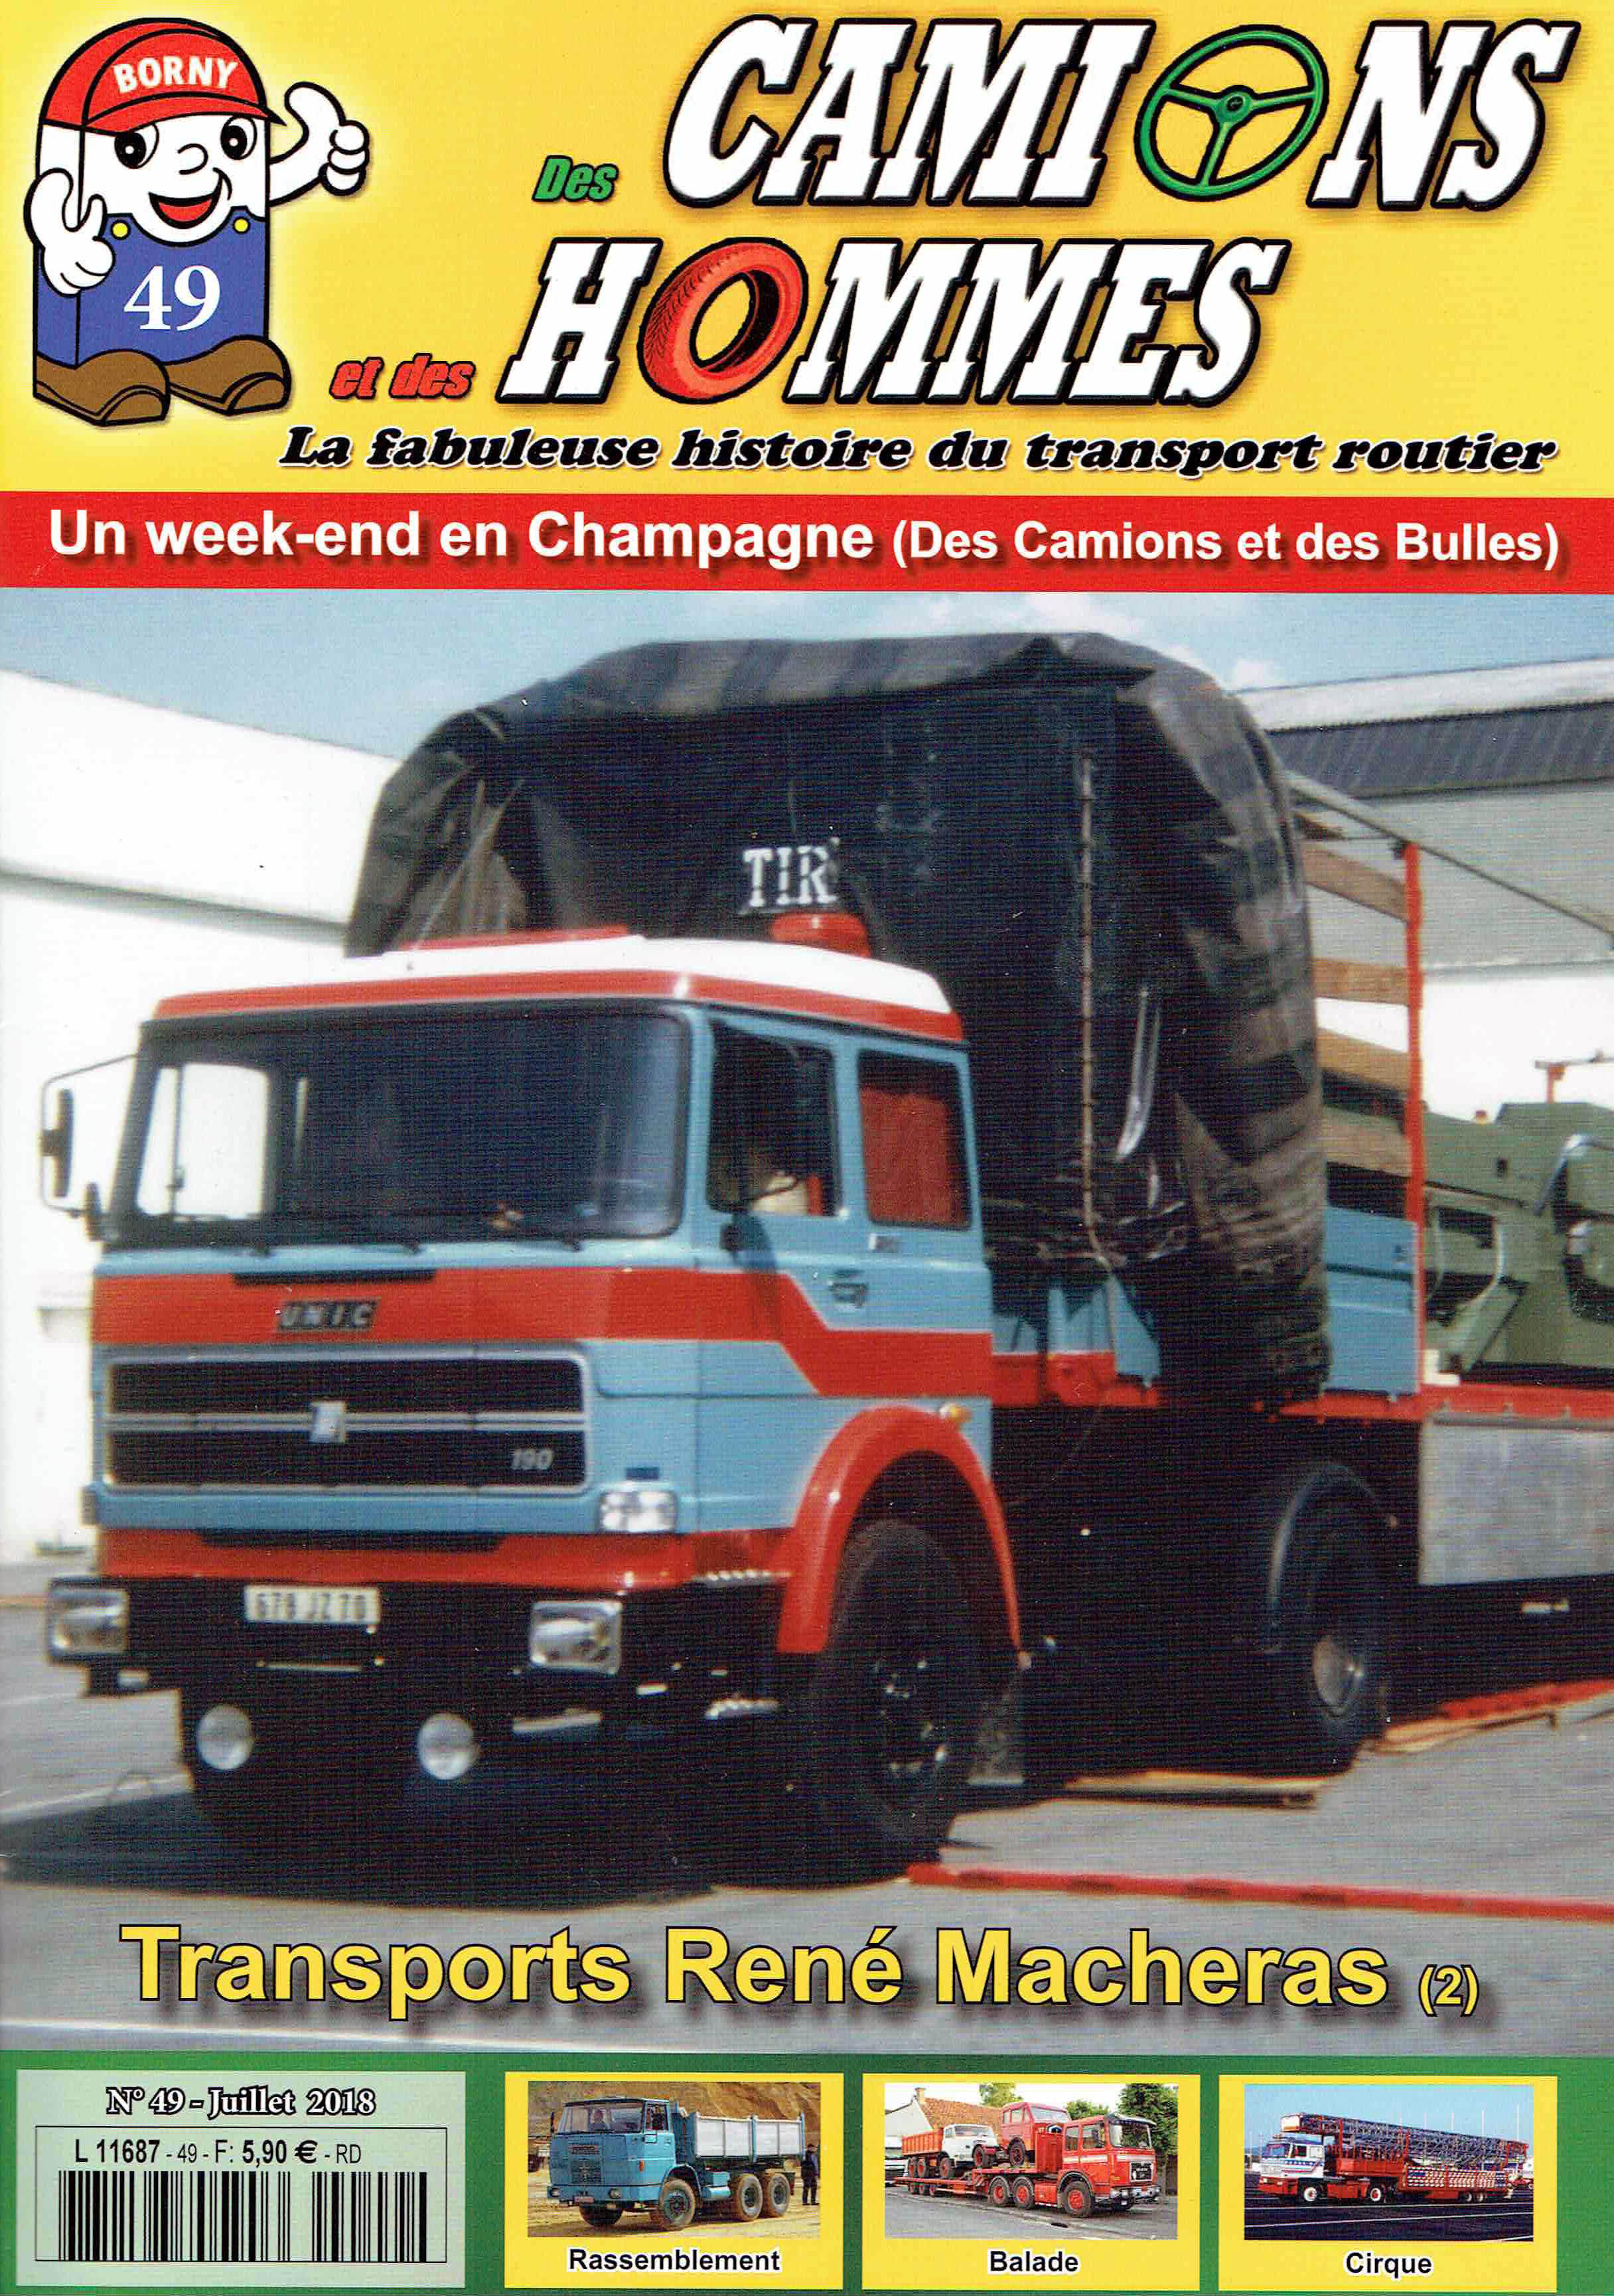 Magazine N°49 Des Camions et des Hommes (Etranger)